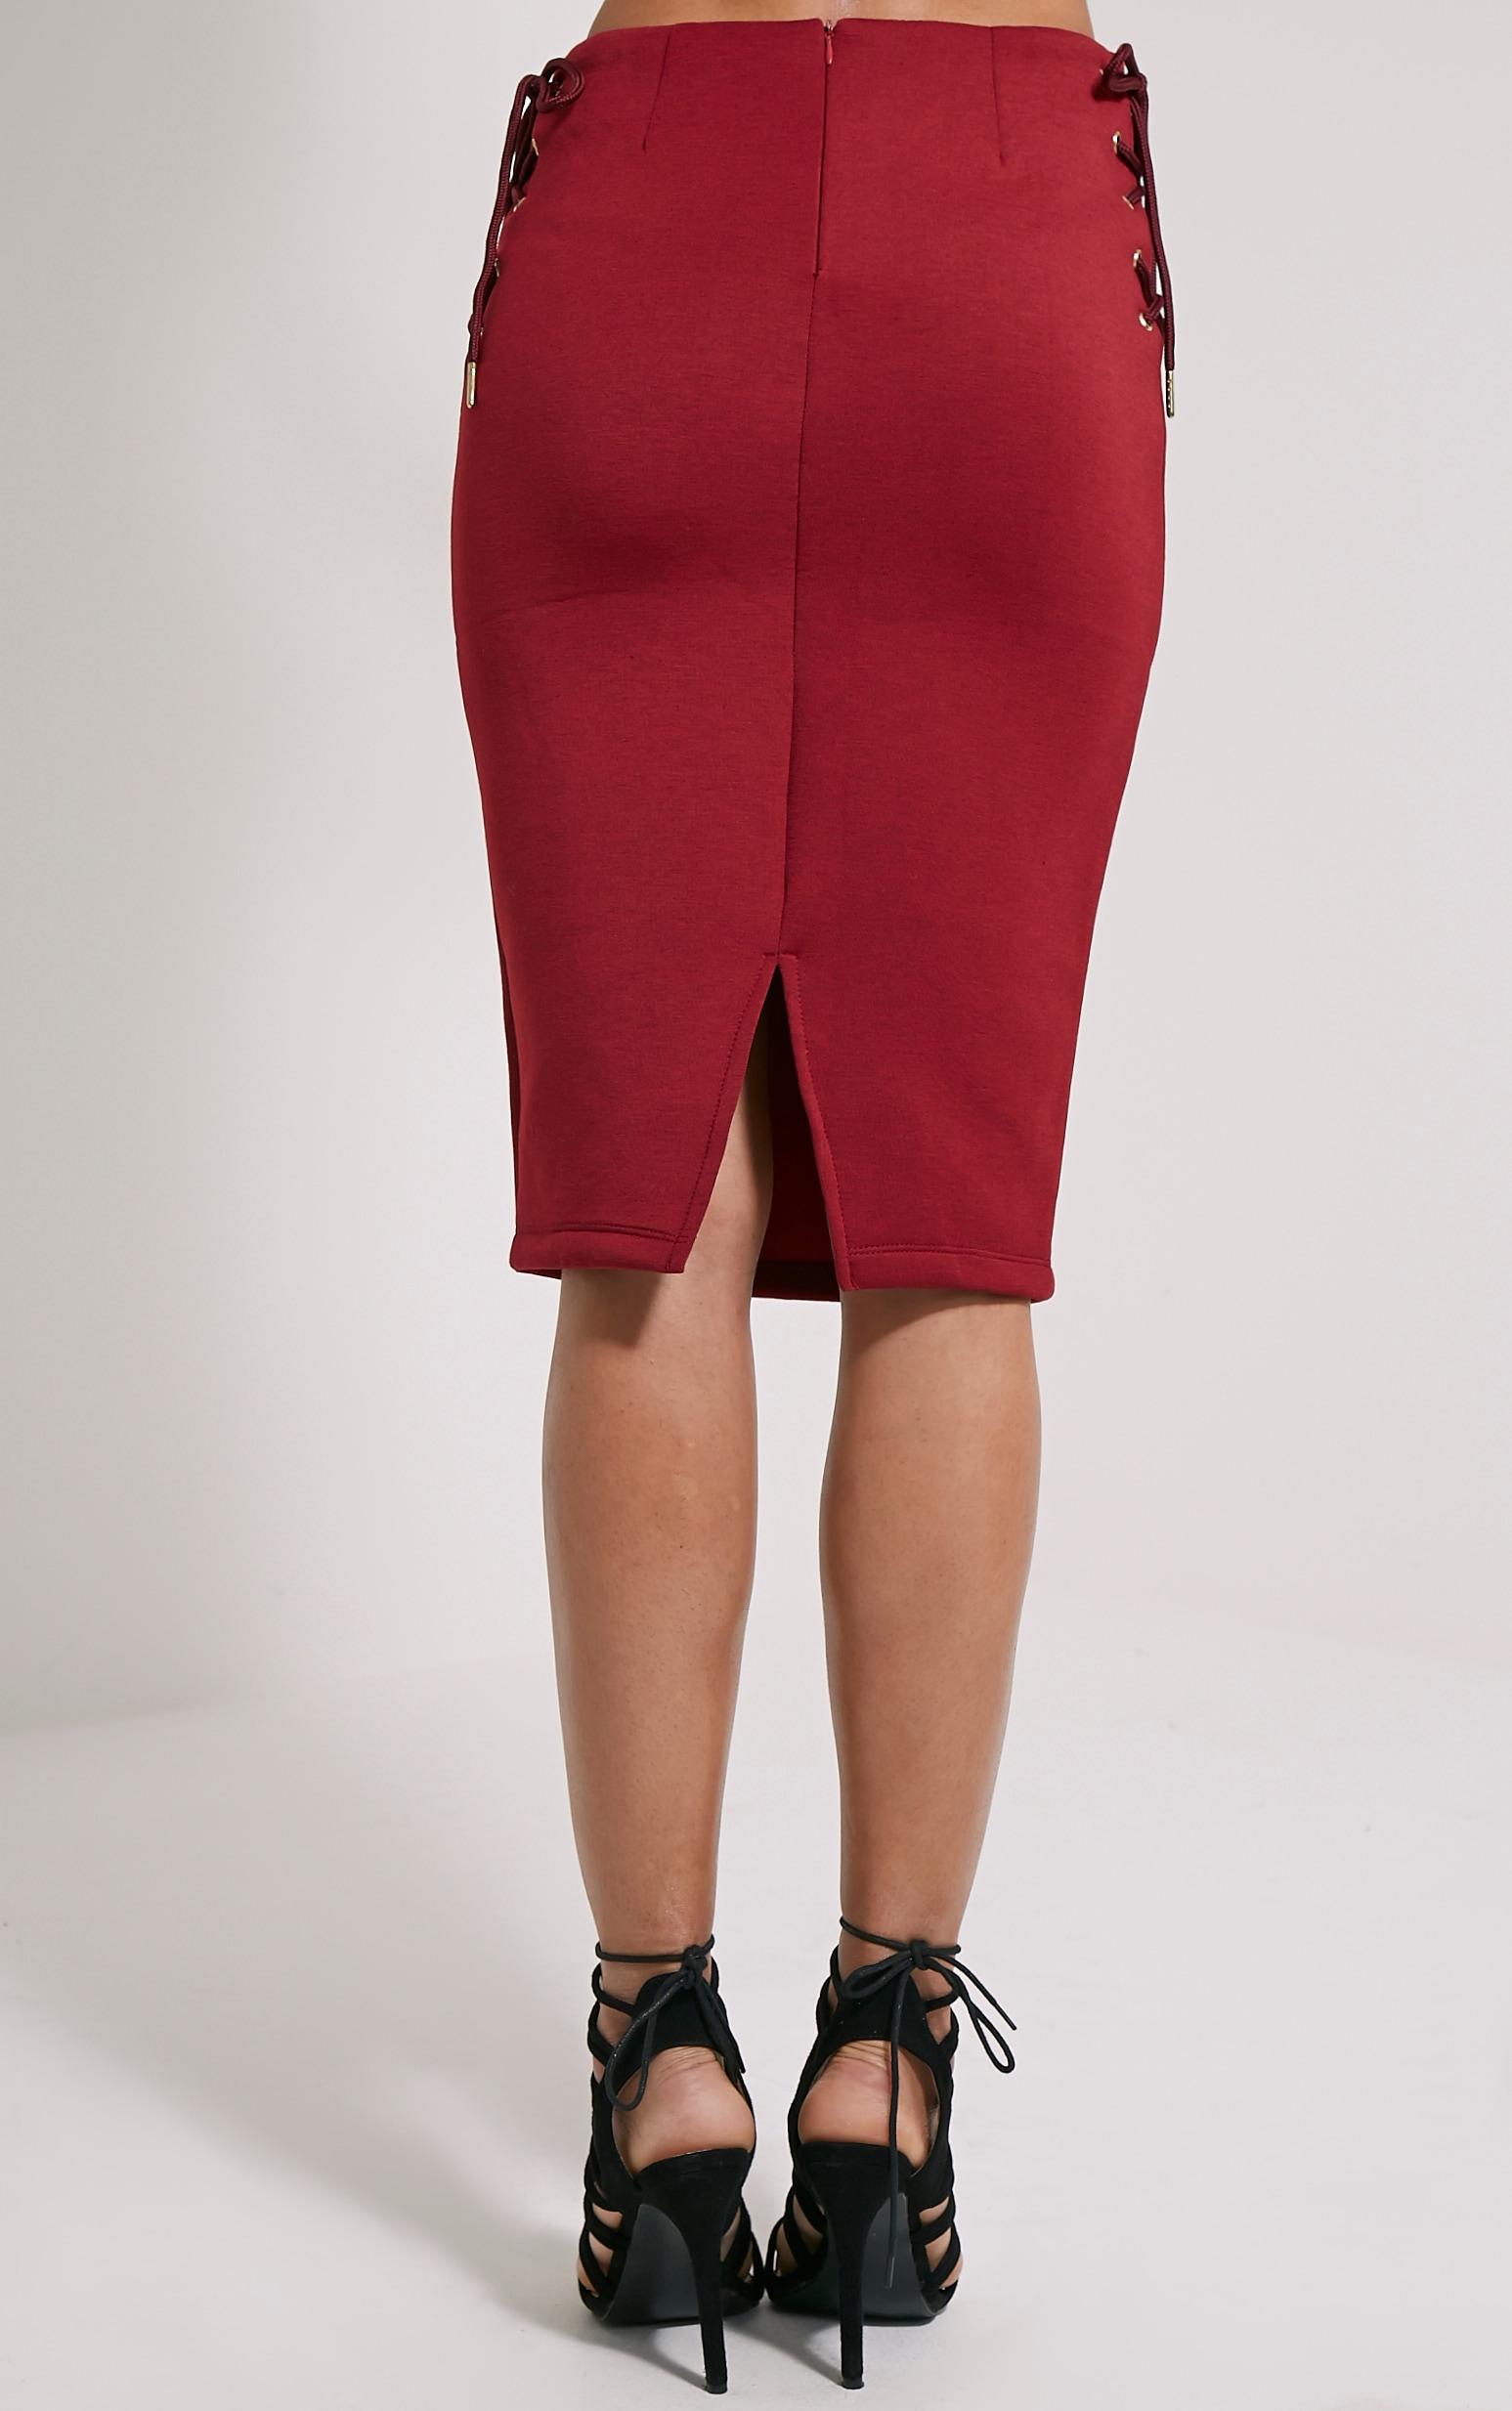 Malita Oxblood Lace Up Side Scuba Midi Skirt 4